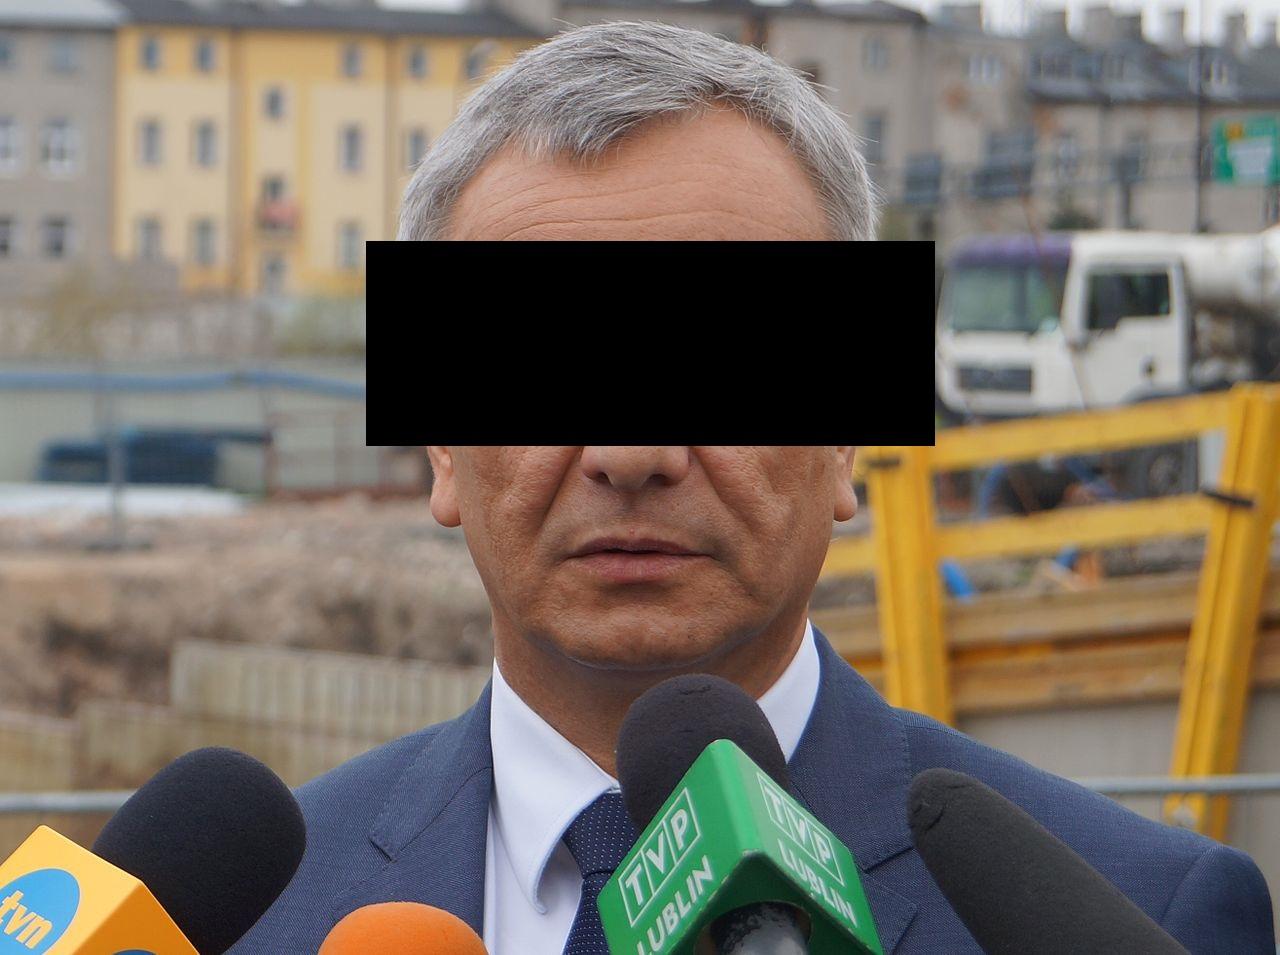 Akt oskarżenia wobec b. ministra w rządzie PO-PSL Andrzeja B. ma podłoże polityczne?